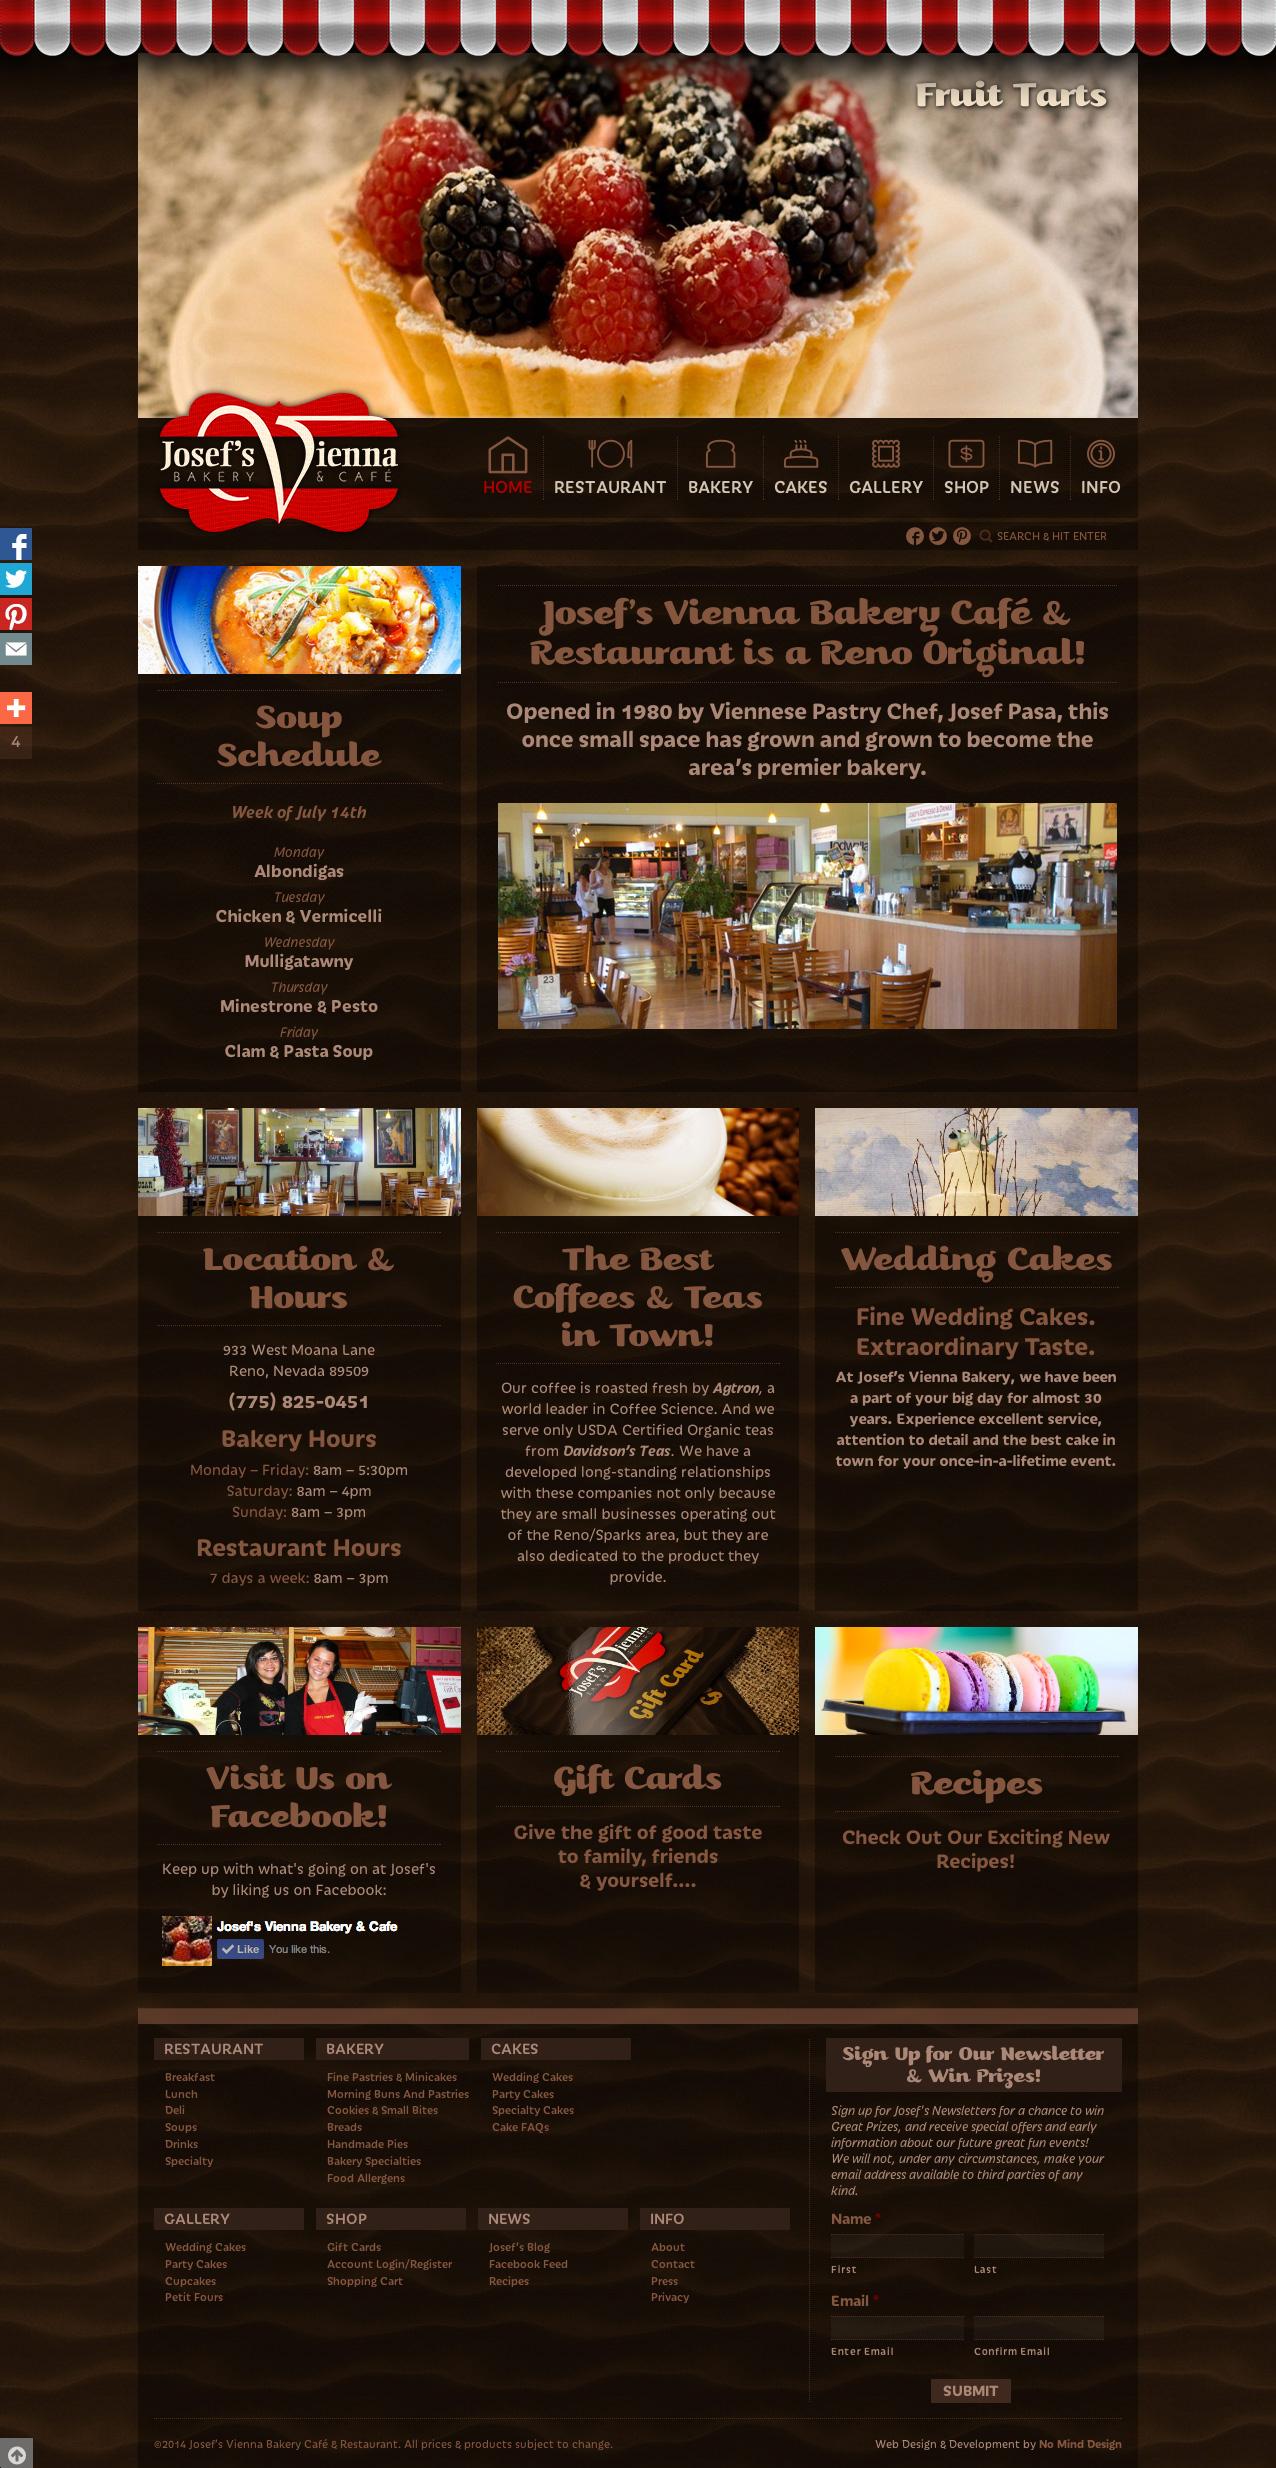 JosefsVienna-Homepage